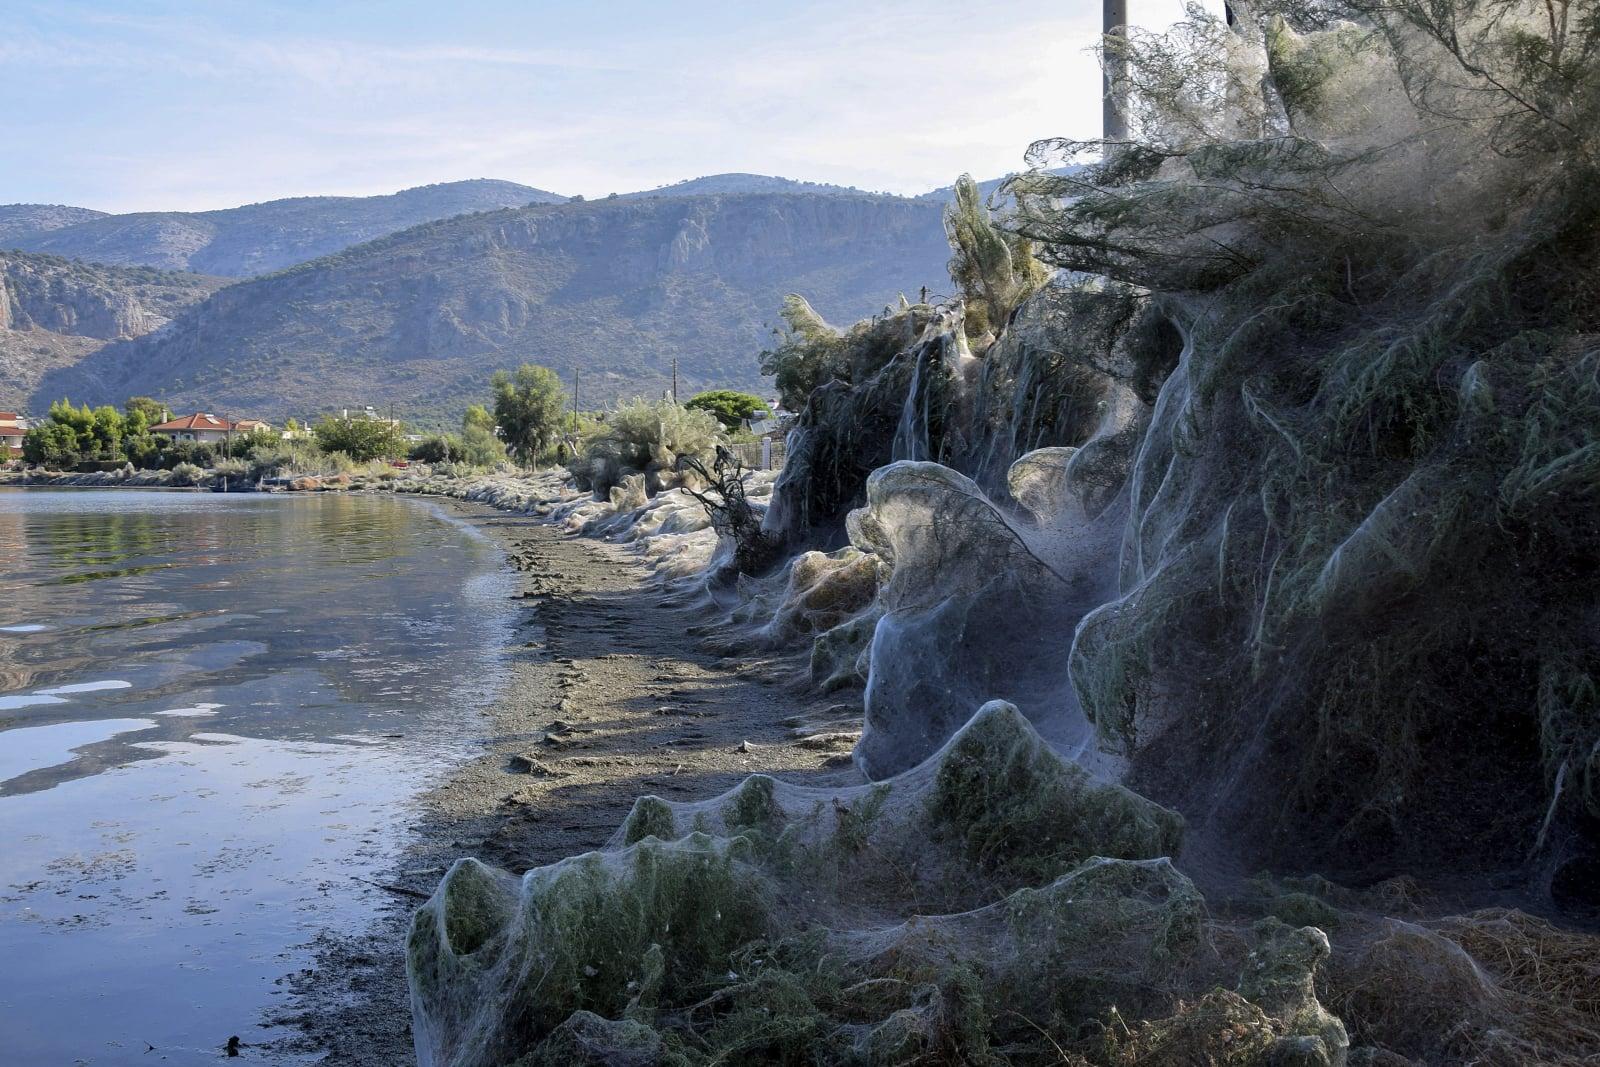 Ogromna pajęczyna pokrywająca roślinność wzdłuż wybrzeża Aitoliko, około 250 km na zachód od Aten. Eksperci twierdzą, że jest to zjawisko sezonowe, spowodowane przez pająki Tetragnatha, fot. EPA/GIANNIS GIANNAKOPOULOS